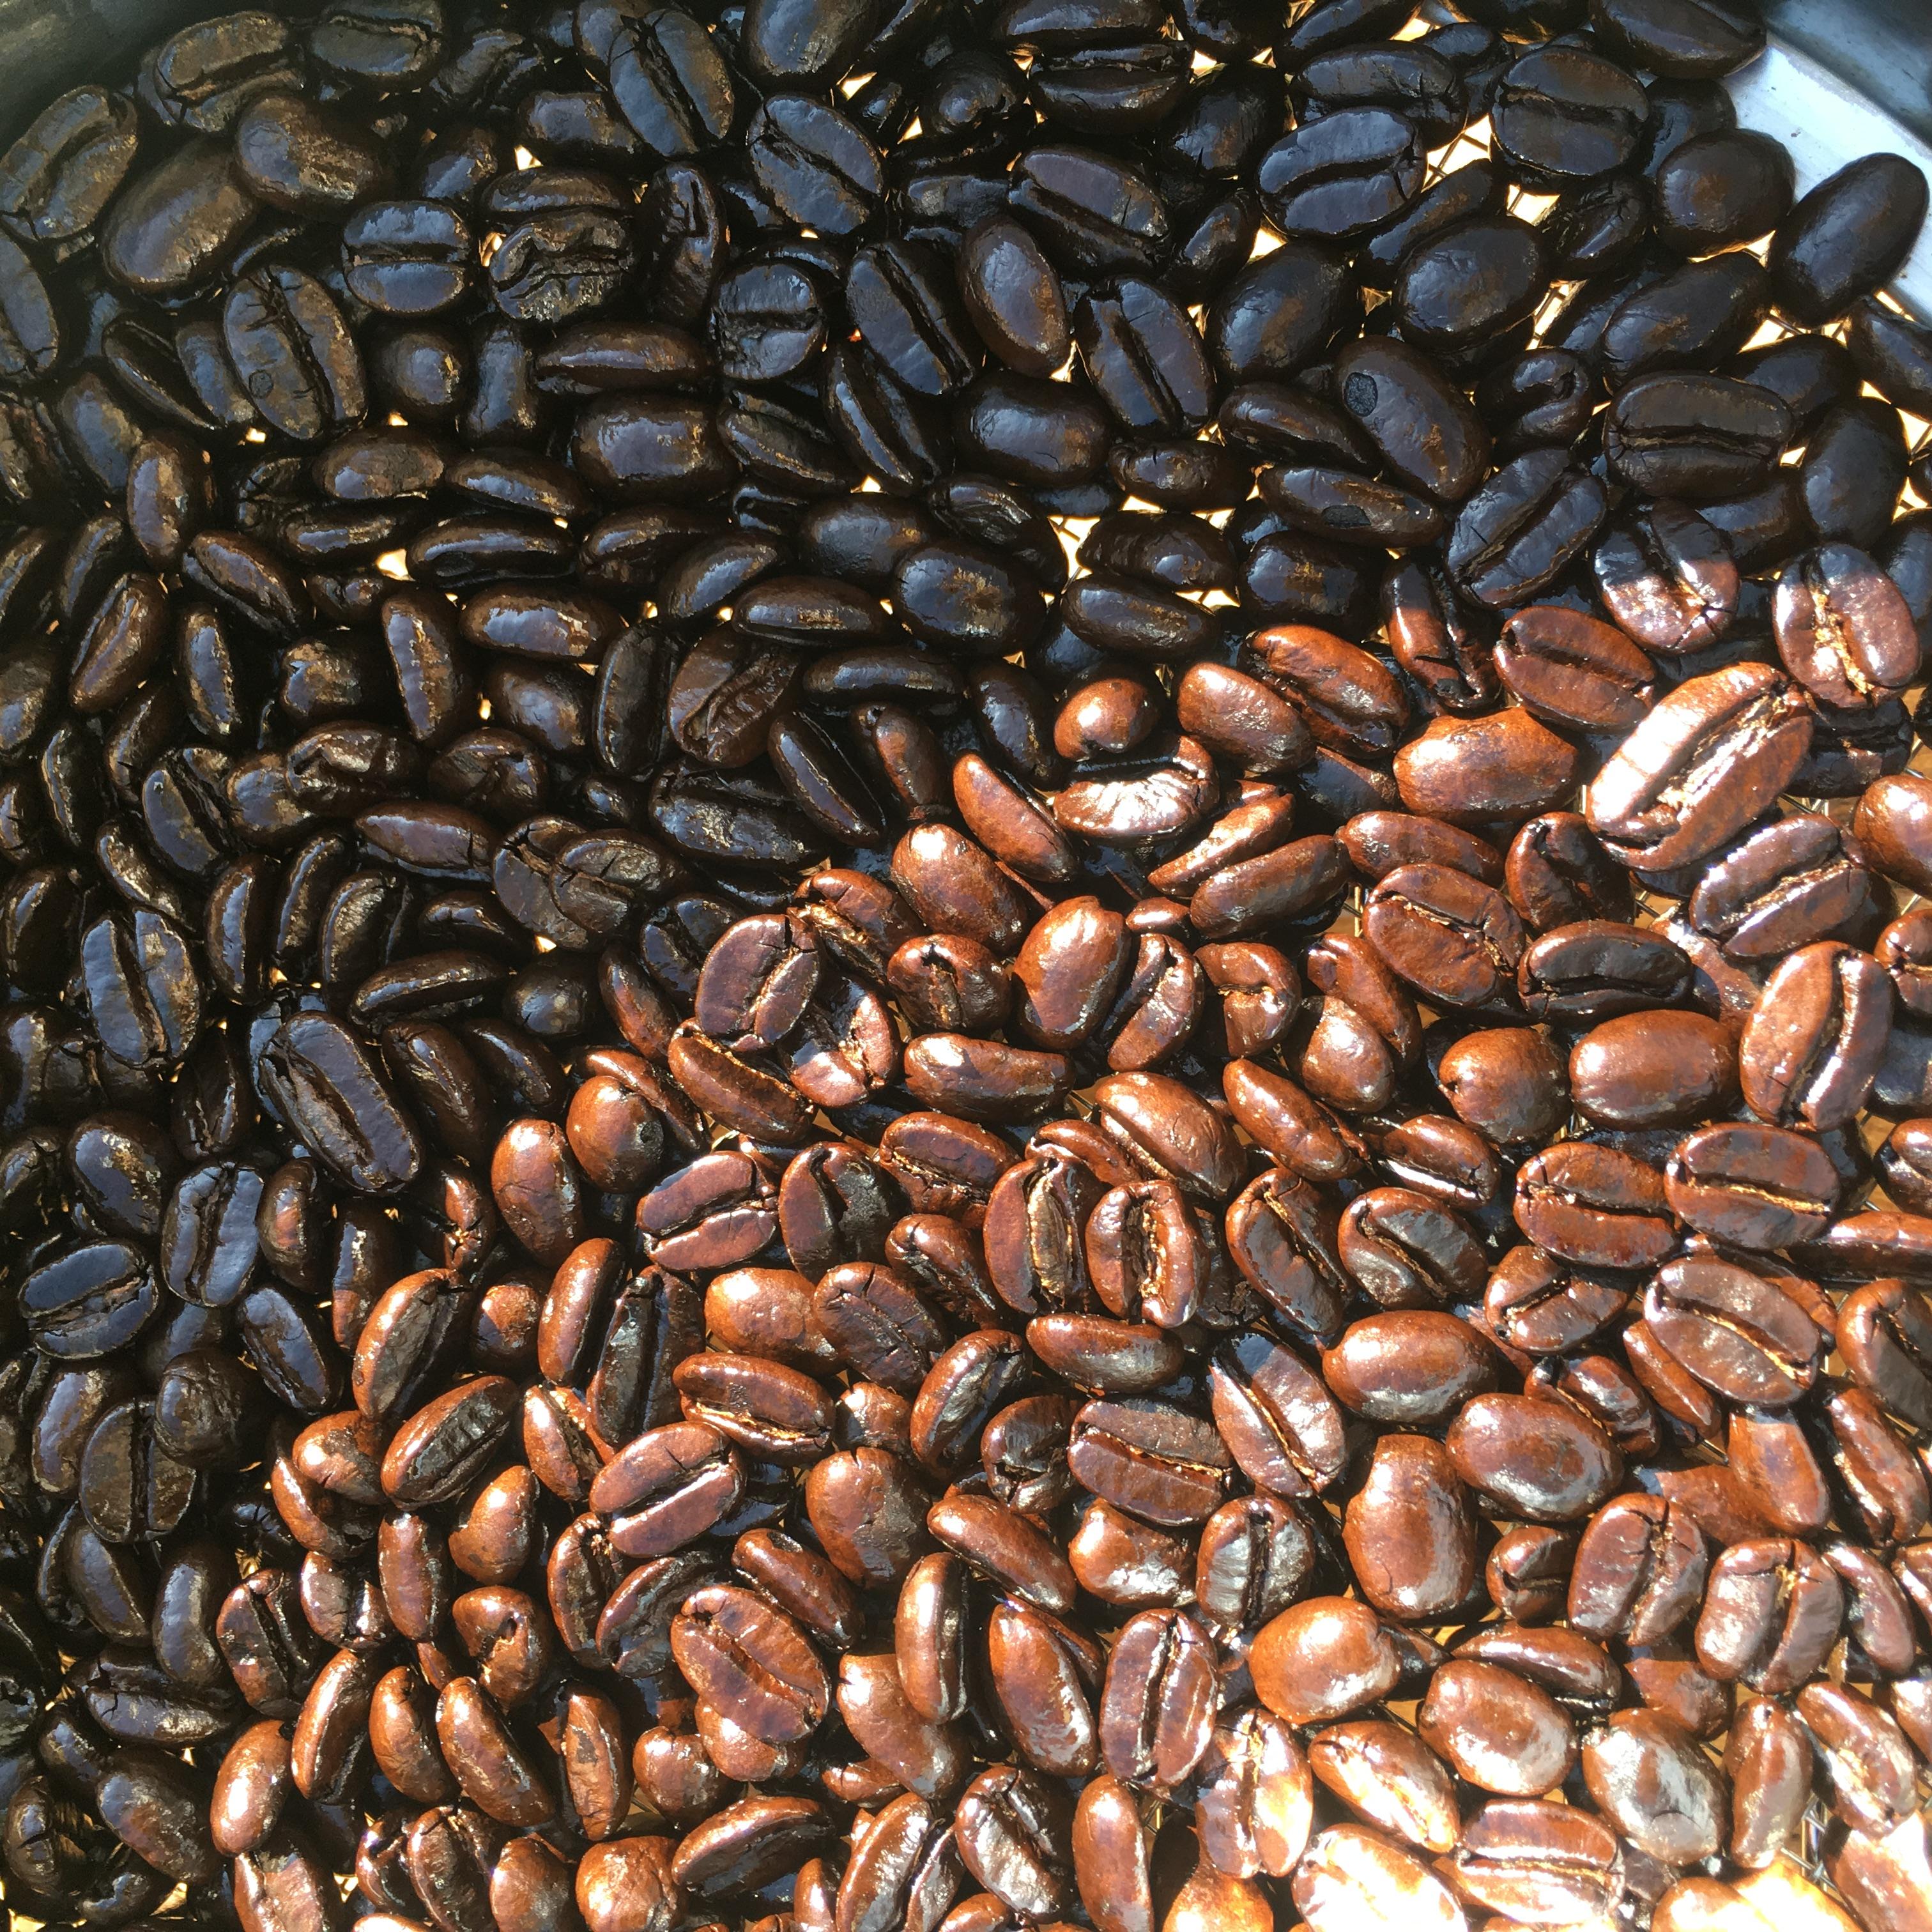 コーヒー豆が冷蔵便の発送なのは【美味しい意図】を持ち責任を持って、届けたいから。